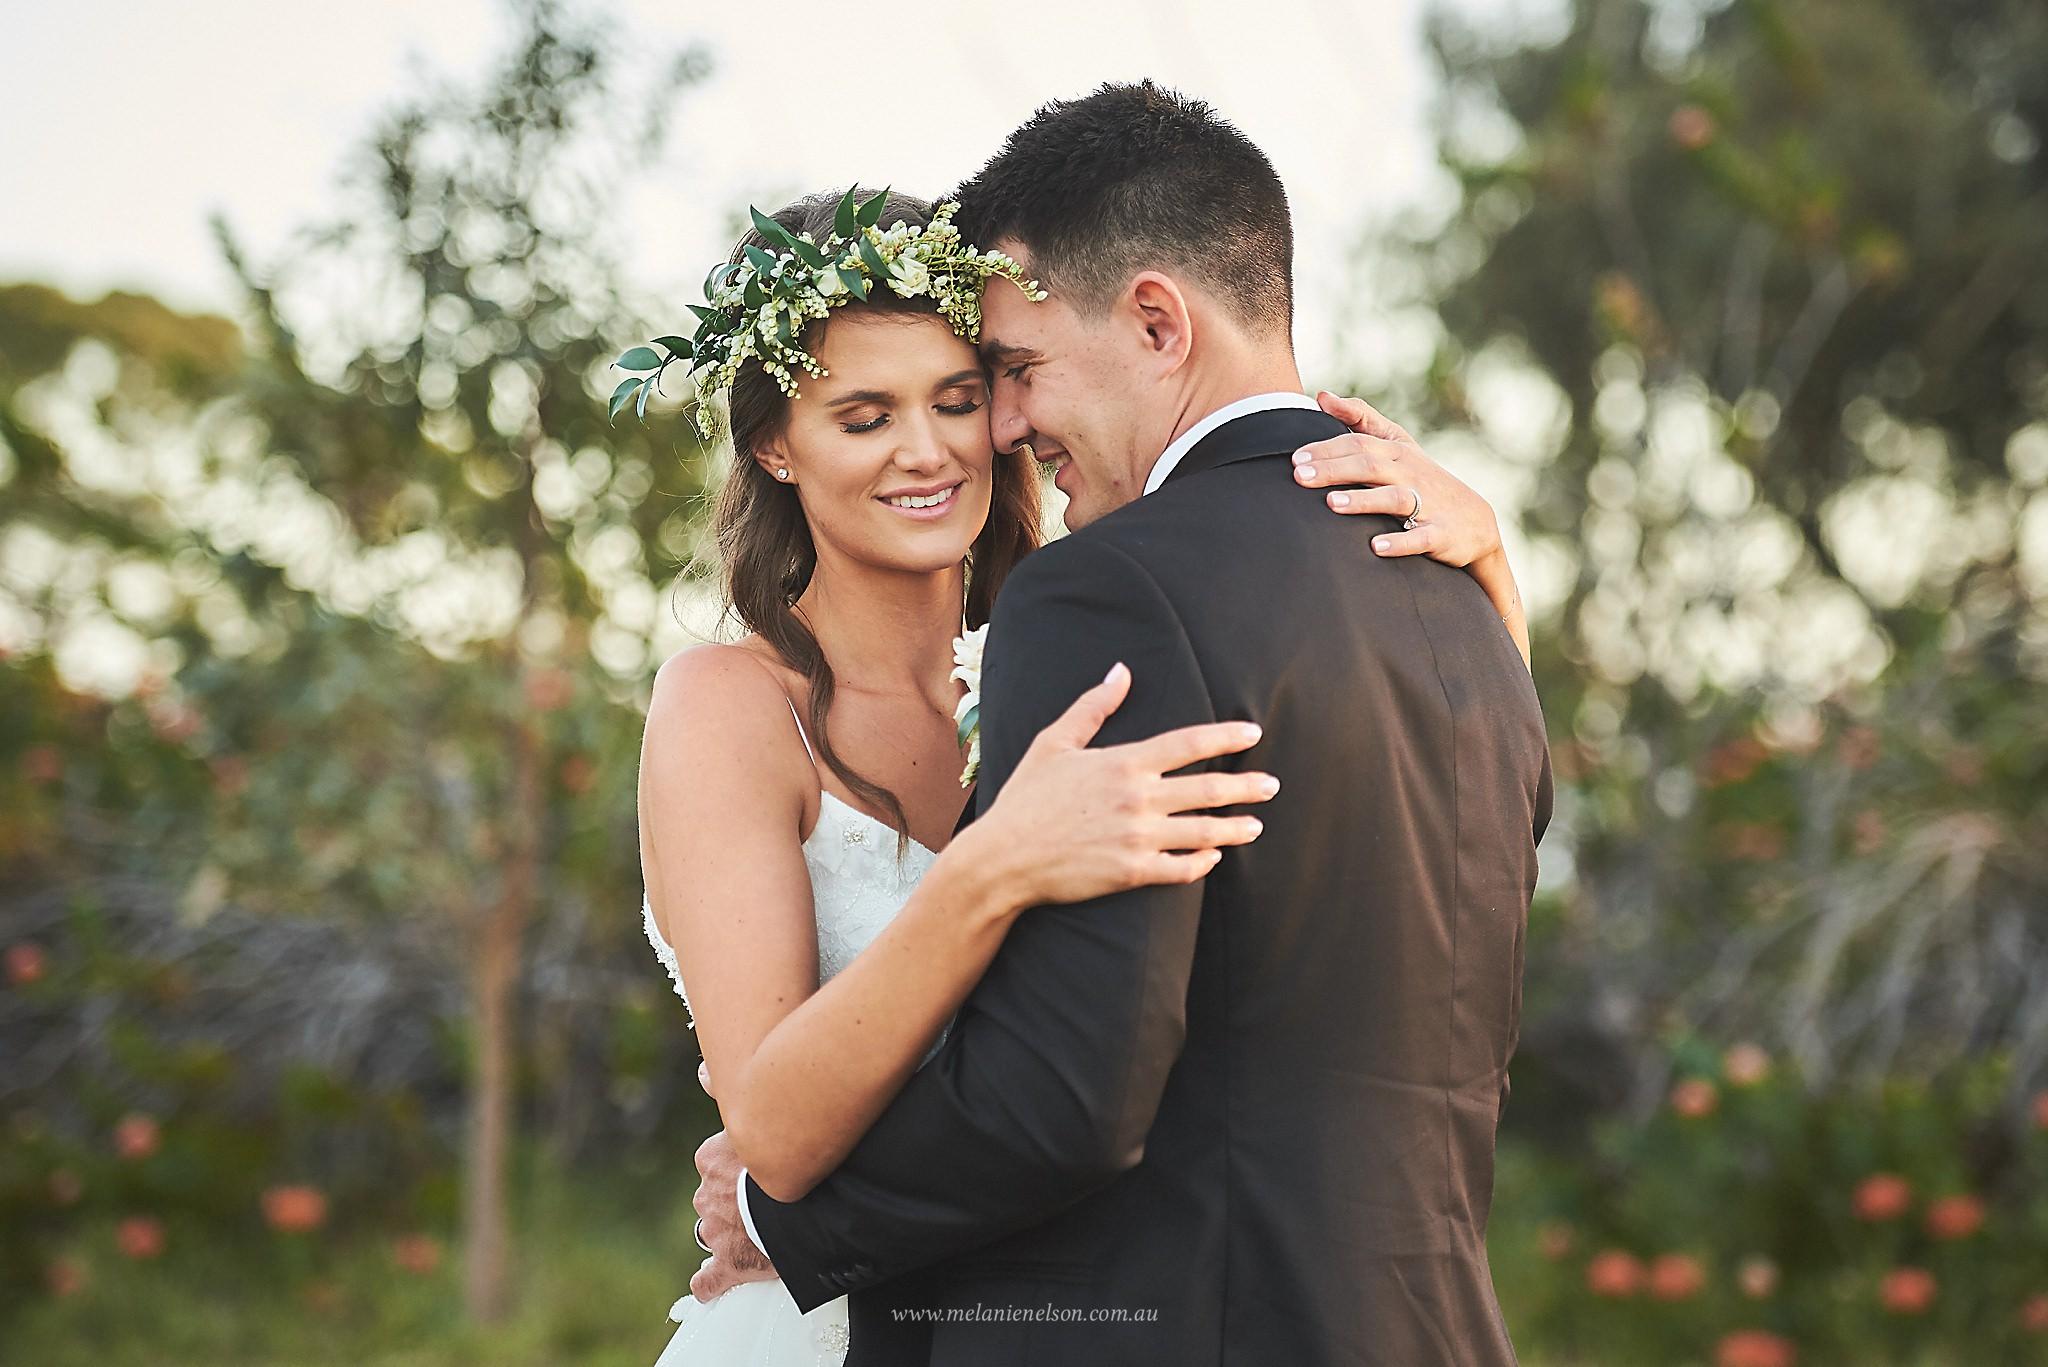 adelaide_hills_wedding_photography_0005.jpg